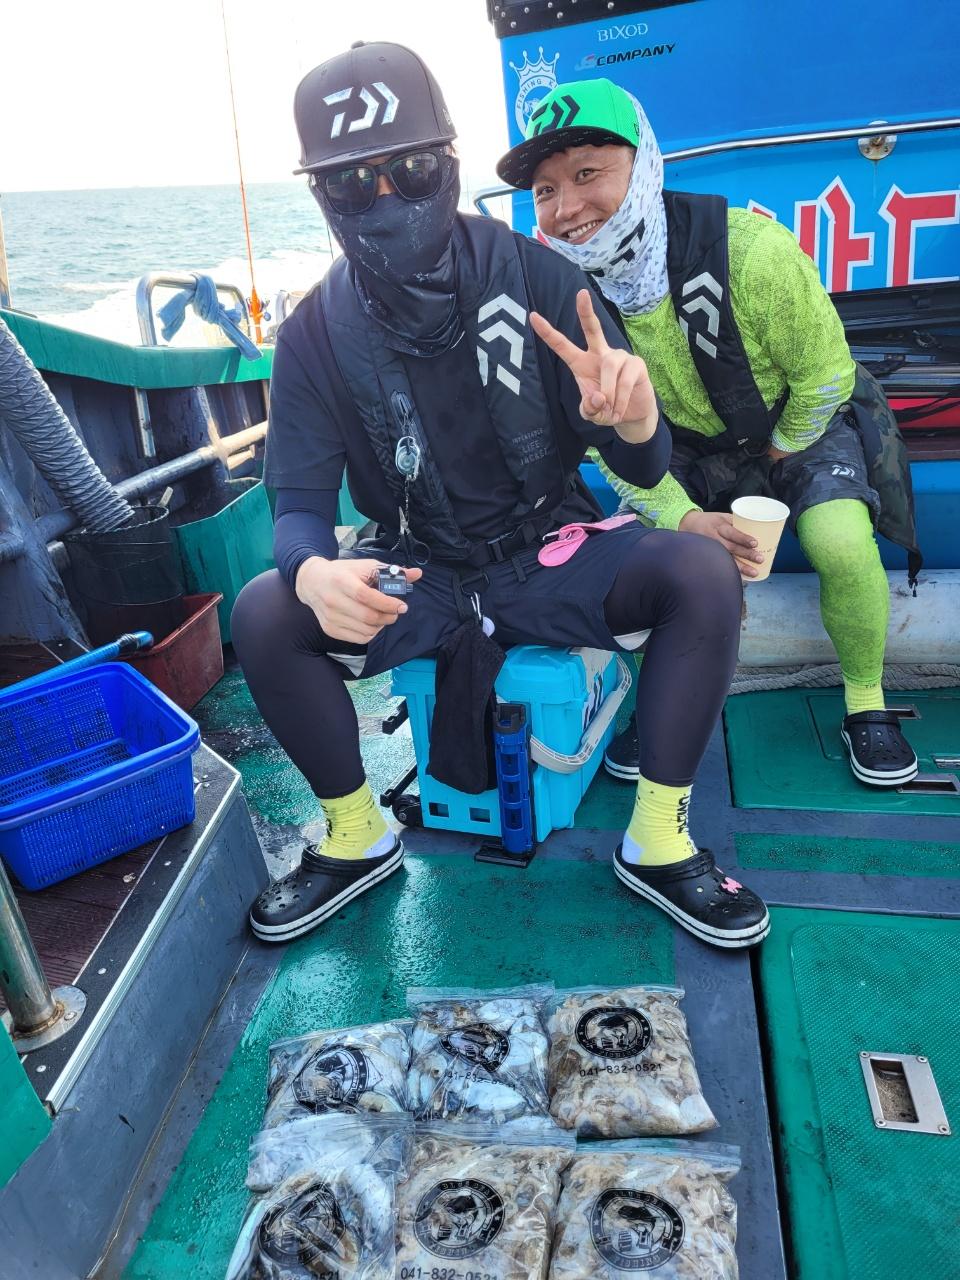 ༺ৡۣ꧁푸른바다7호꧂ۣৡ༻ 21.09.19 꺄오선장 먹물조황